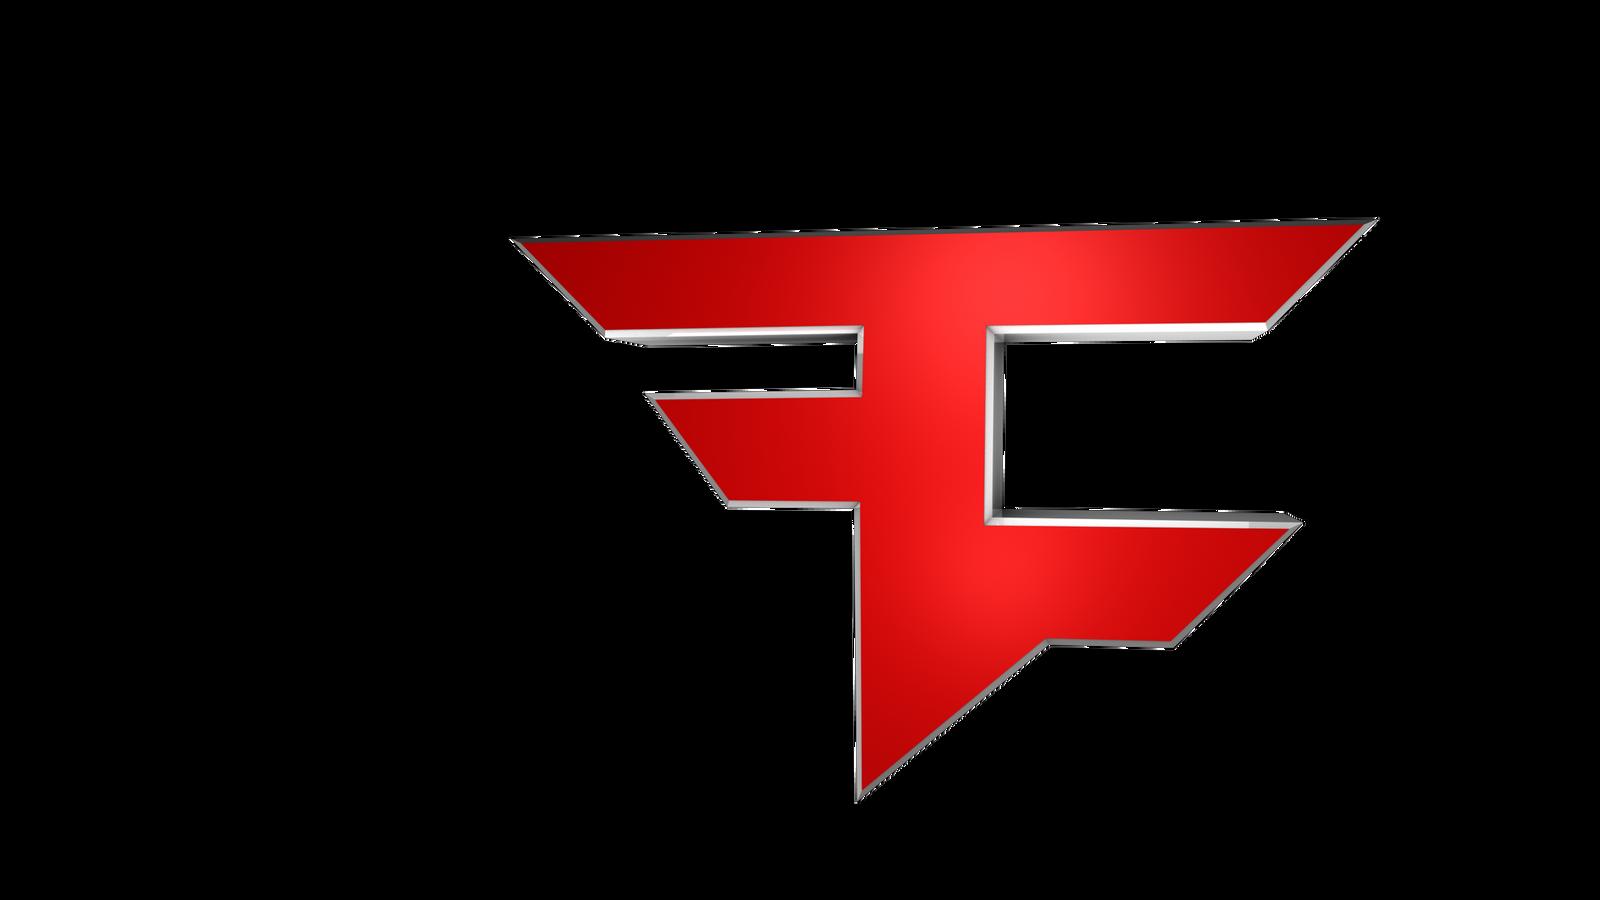 clan logo templates free gaming clan logo template photoshop cs6 rh cin sure info free gaming clan logo maker